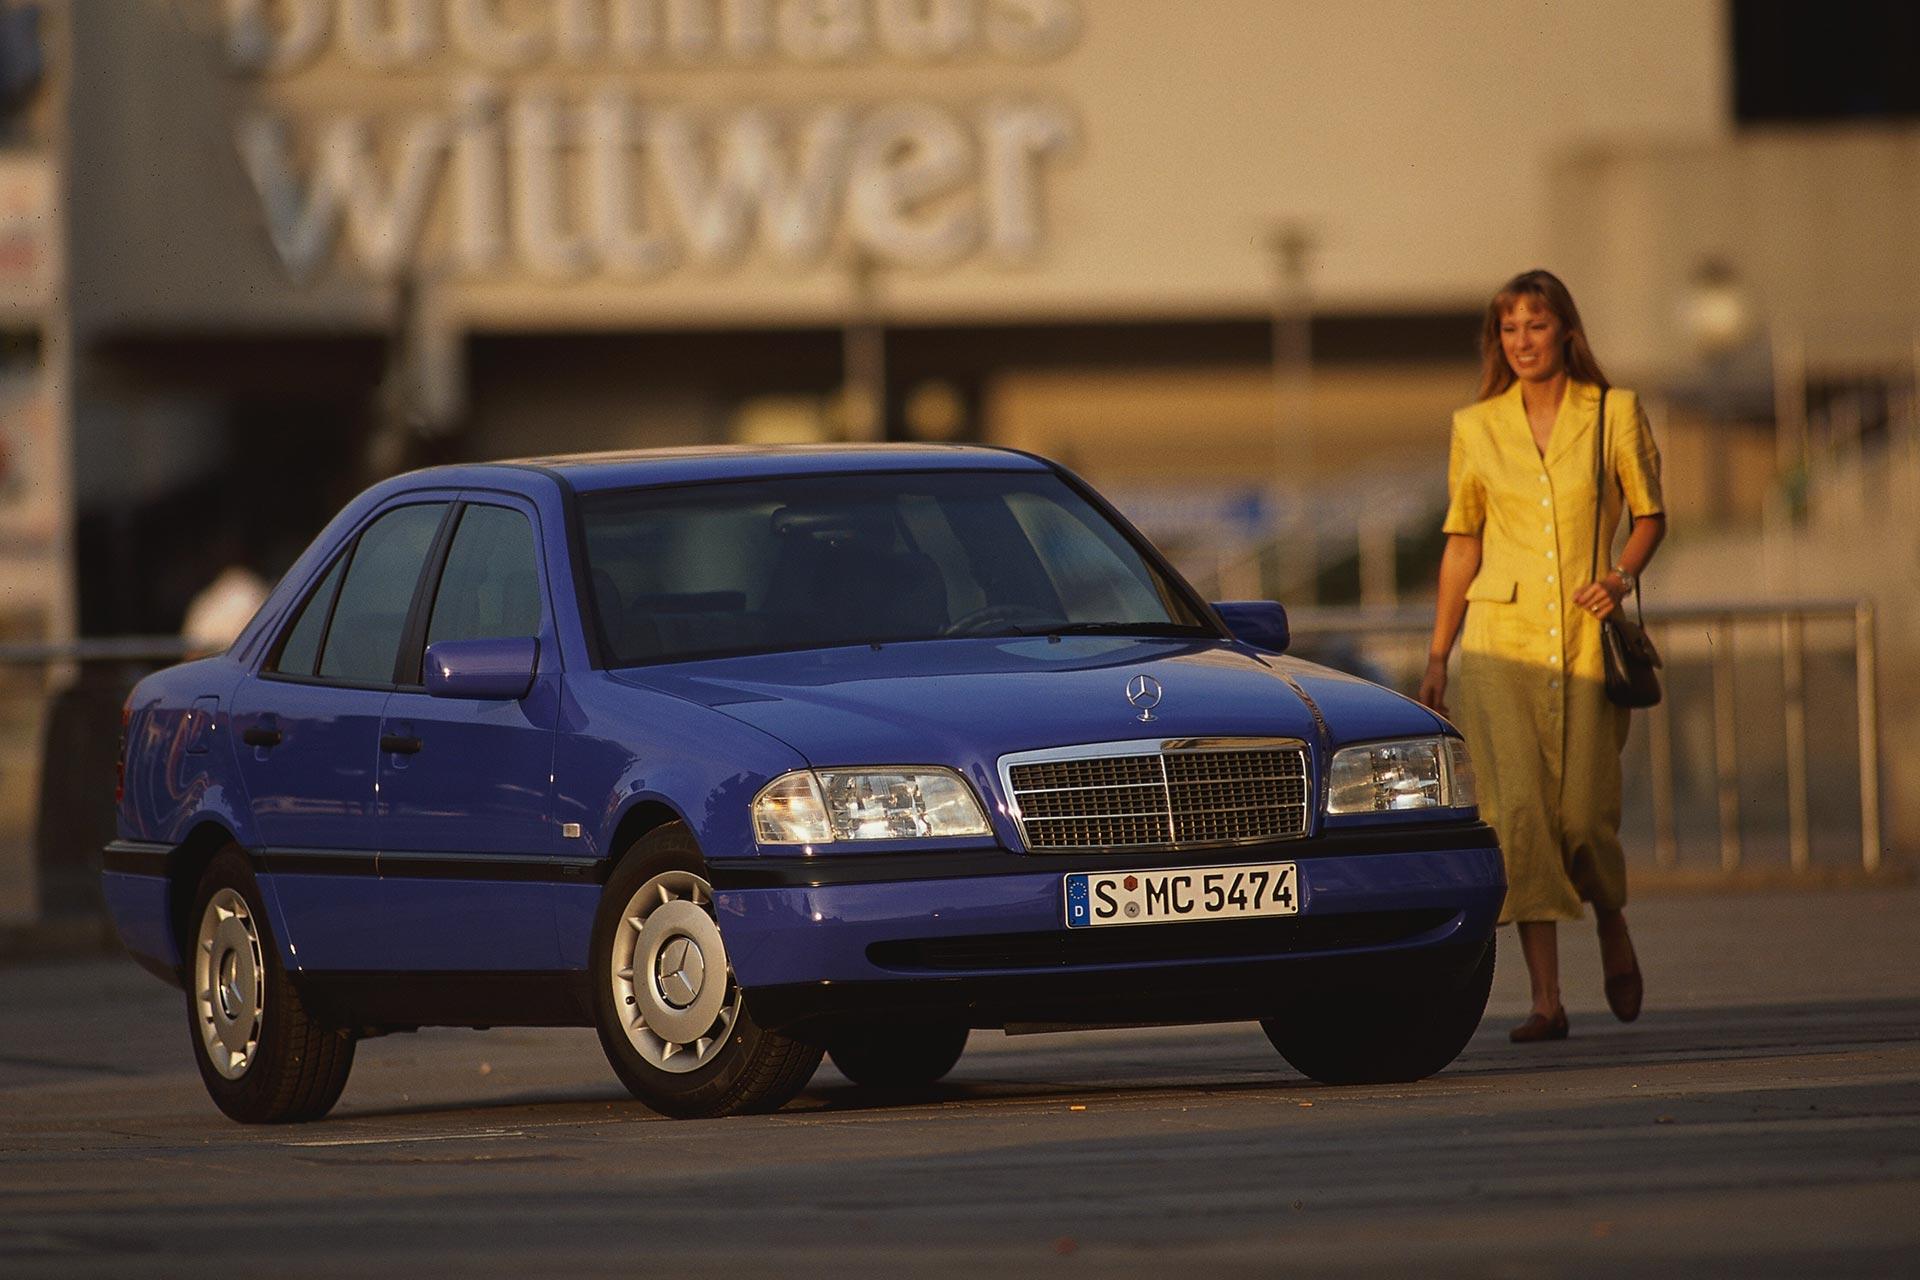 Mercedes-Benz C 250 Turbodiesel Limousine der Baureihe 202 (Produktionszeitraum 1995 bis 2000). Genrefoto von rechts vorn.